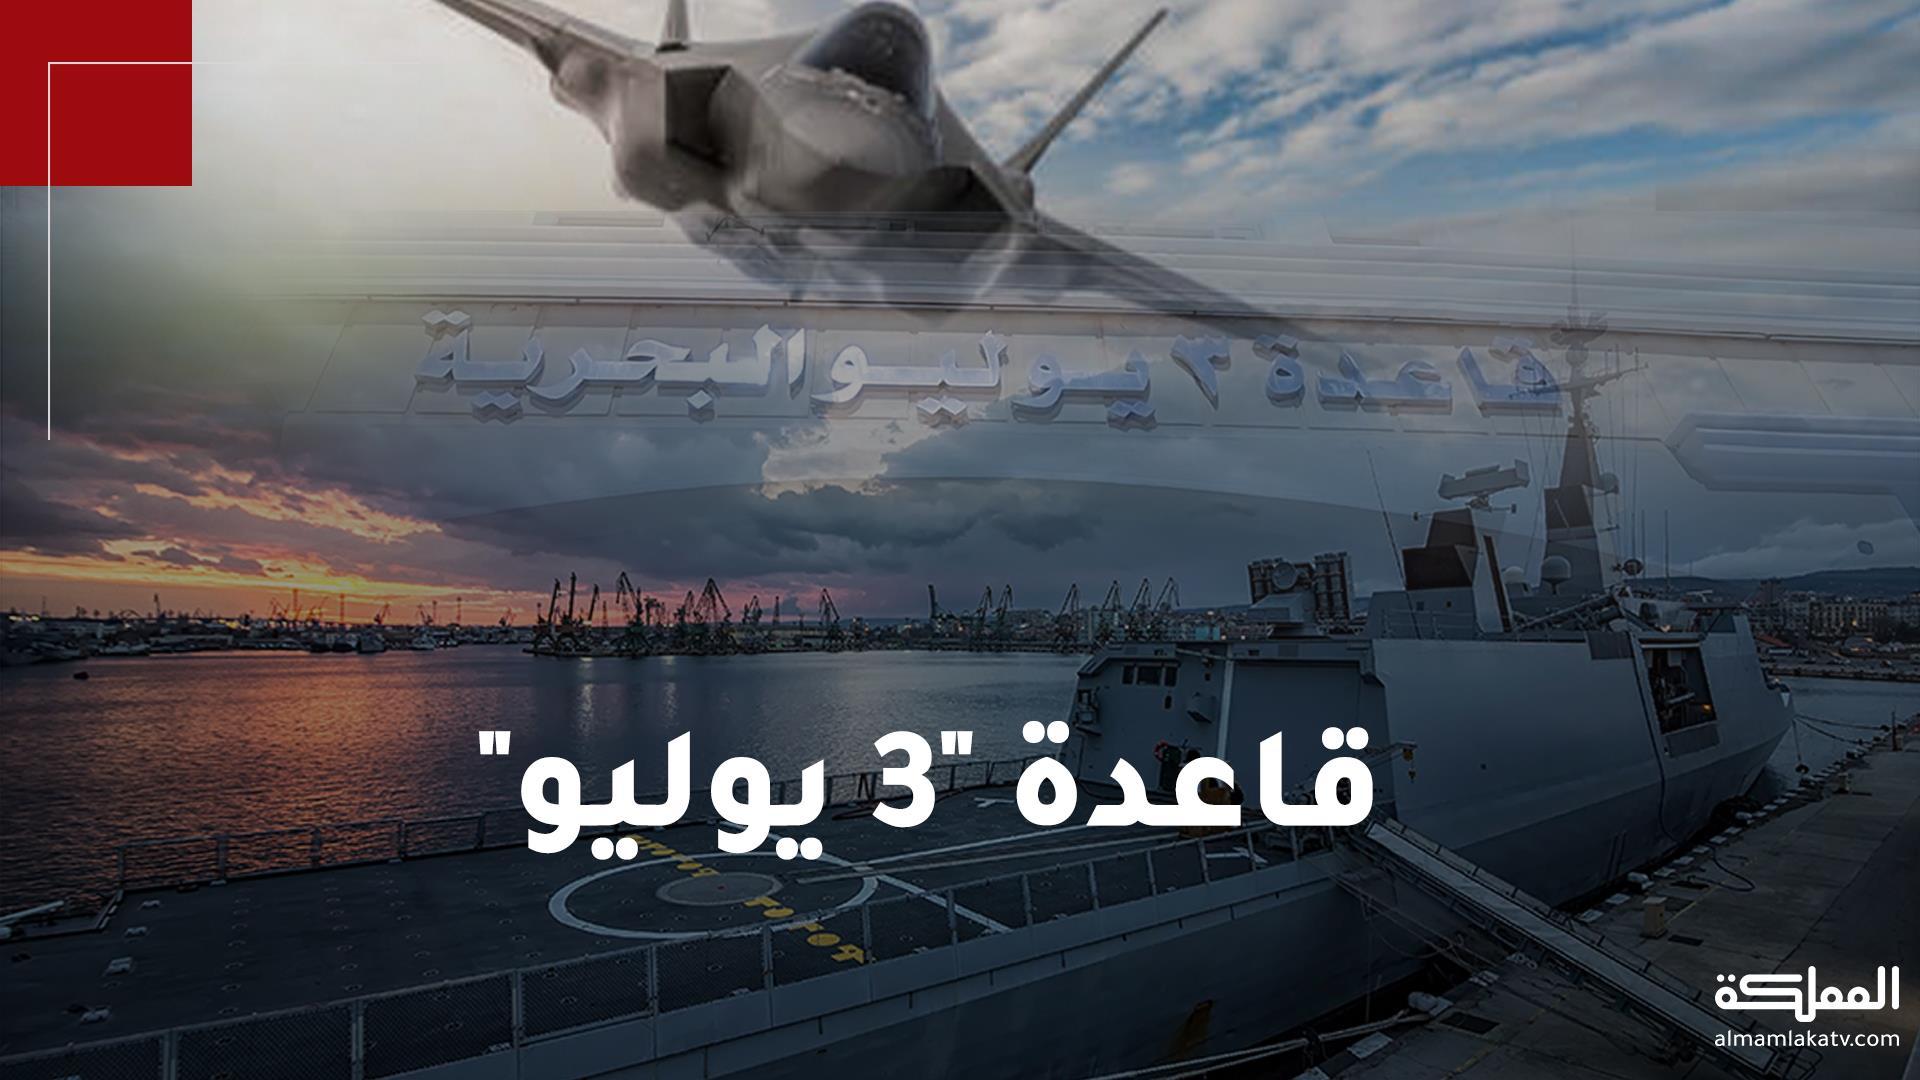 مساحتها 10 ملايين متر مربع.. مصر تدشن القاعدة العسكرية الثالثة في عهد الرئيس عبدالفتاح السيسي